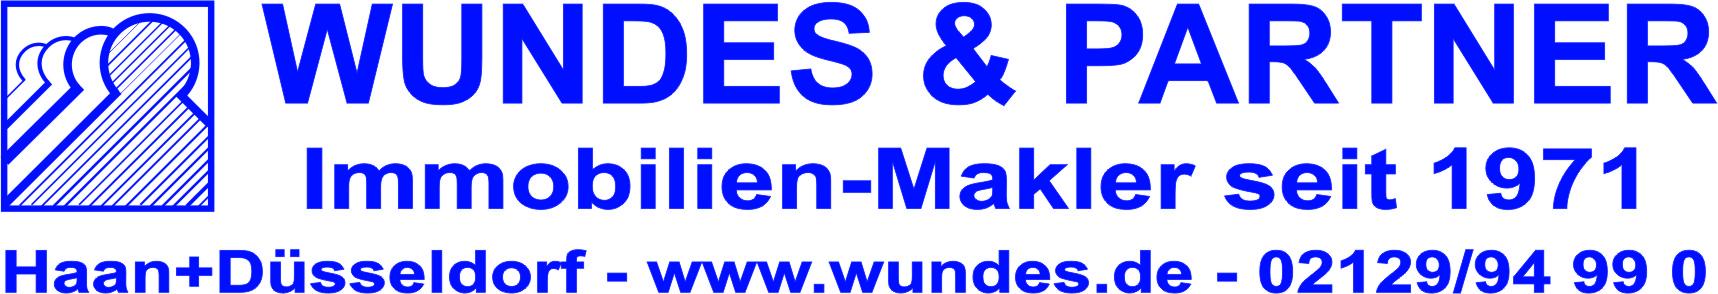 Hier sehen Sie das Logo von Wundes - Ihr Makler - GmbH in Haan